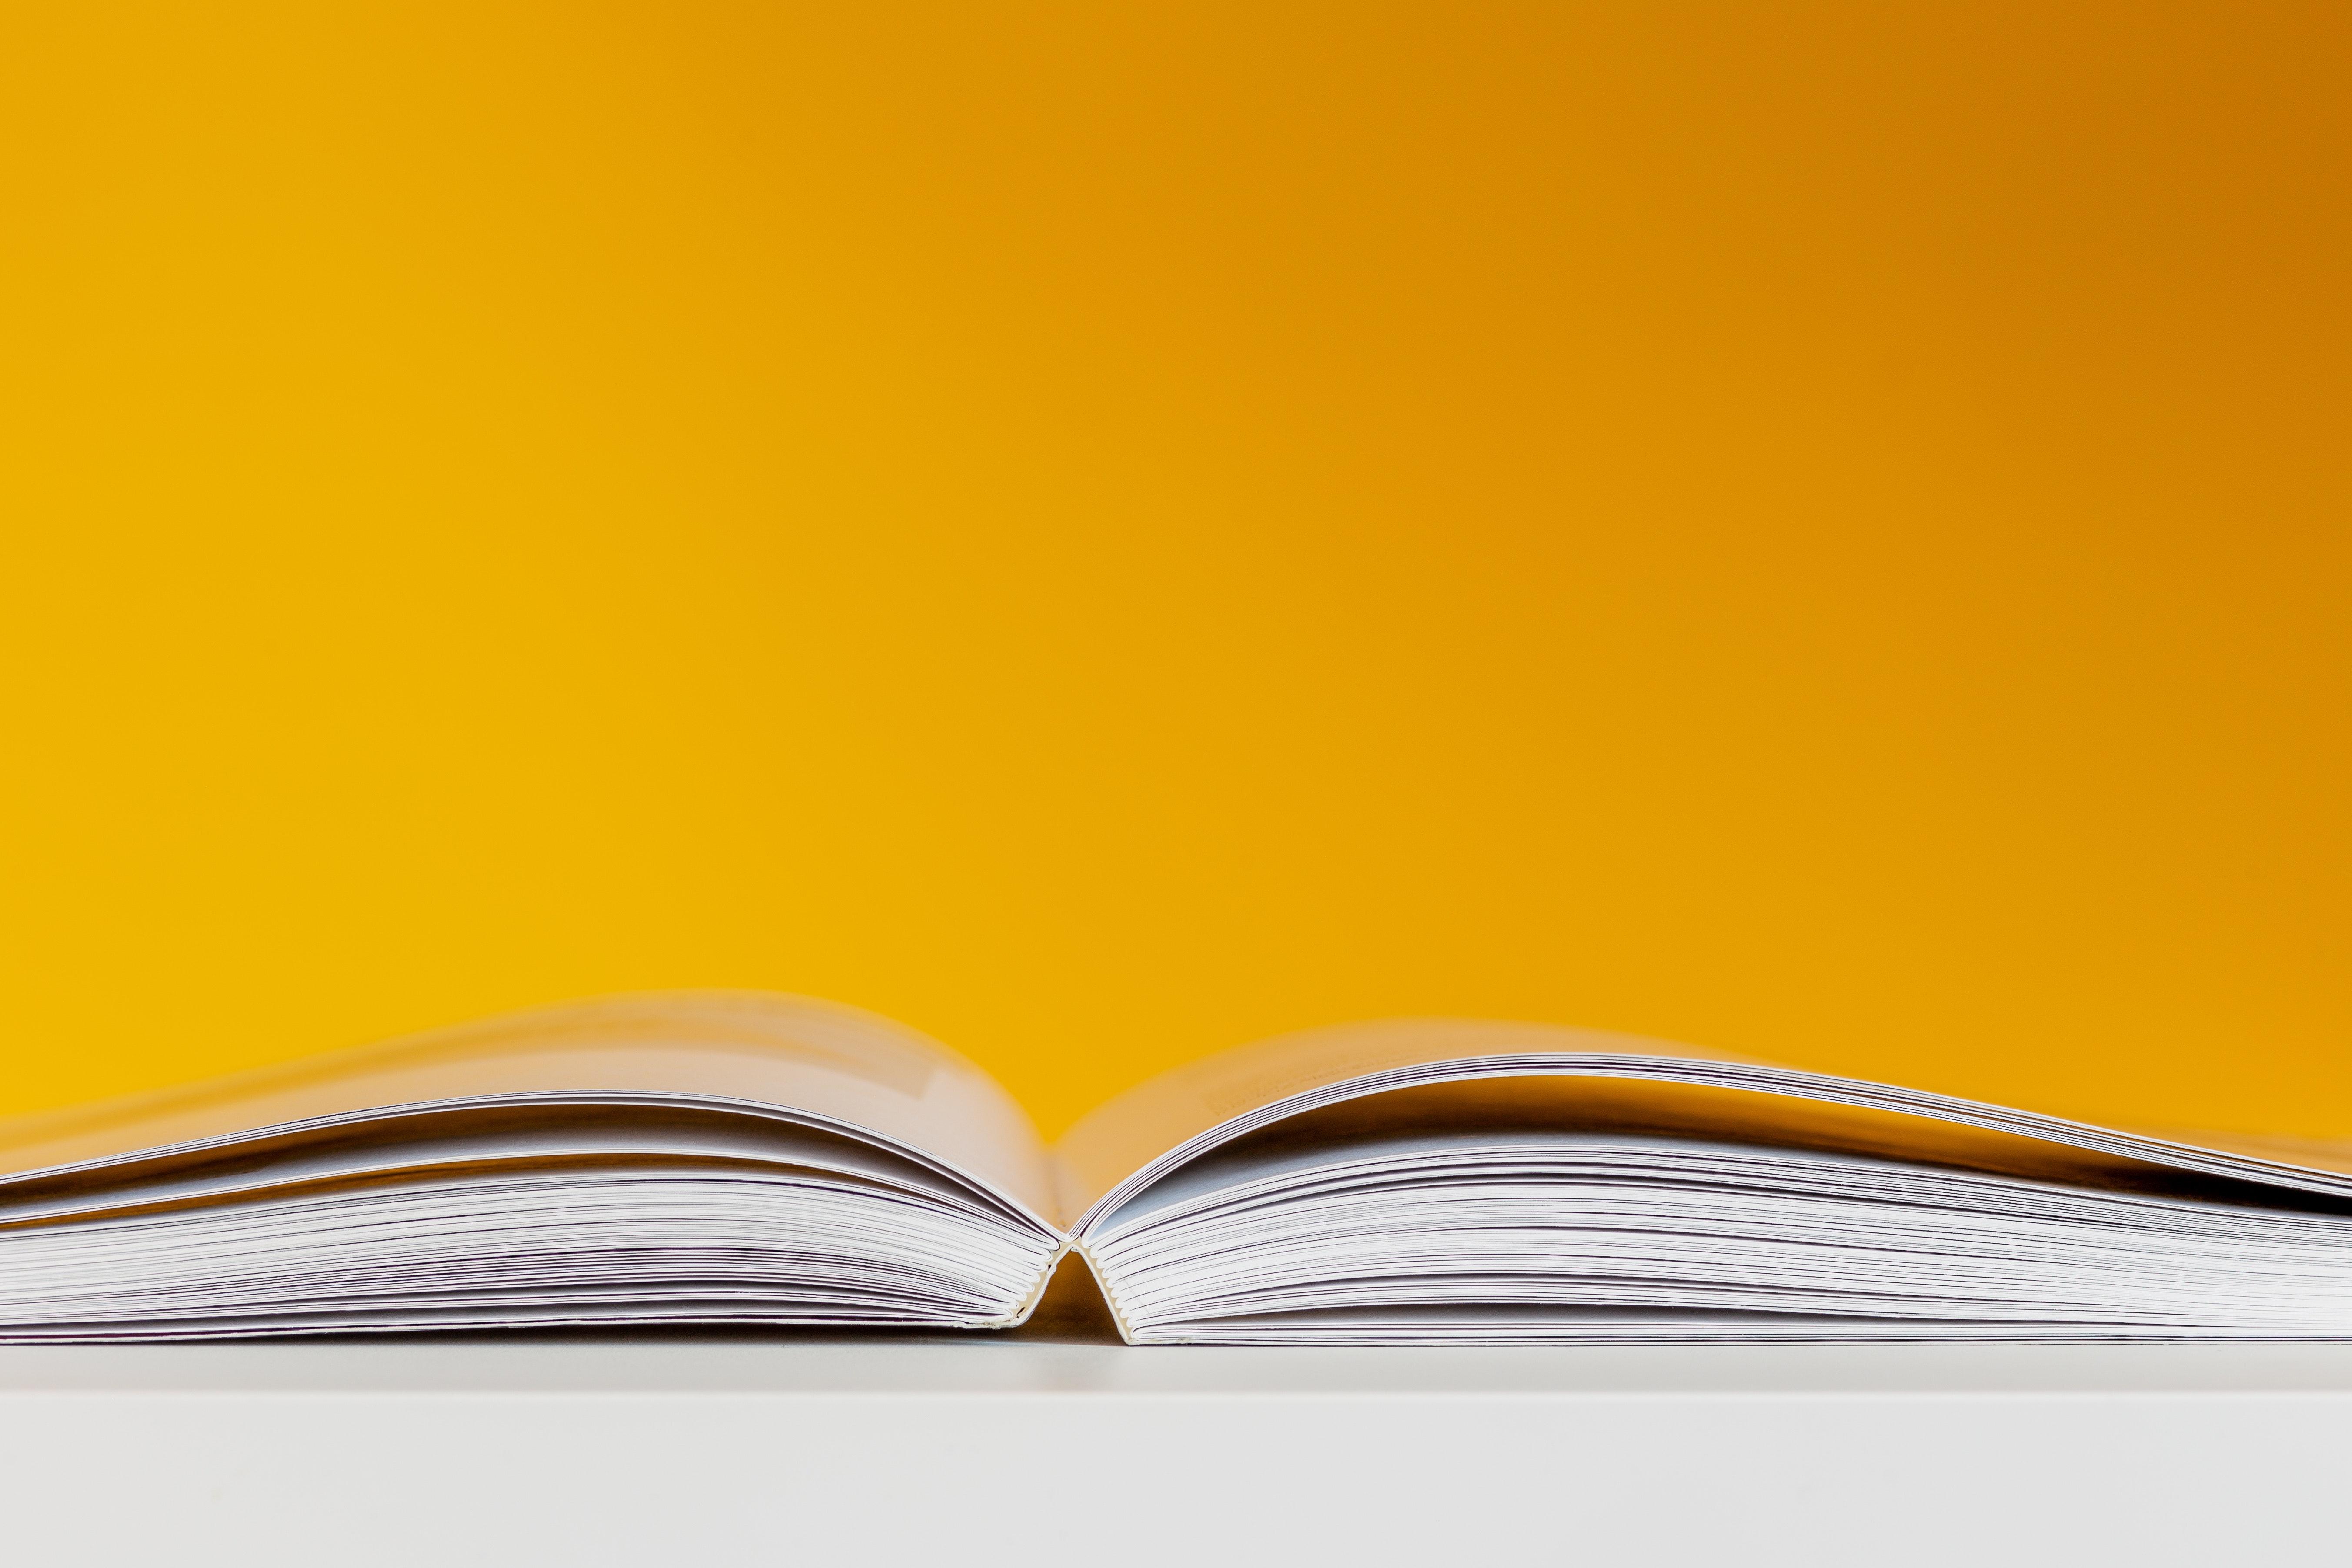 『俊速経営 エンタープライズアジャイルへの序章』を発売しました。